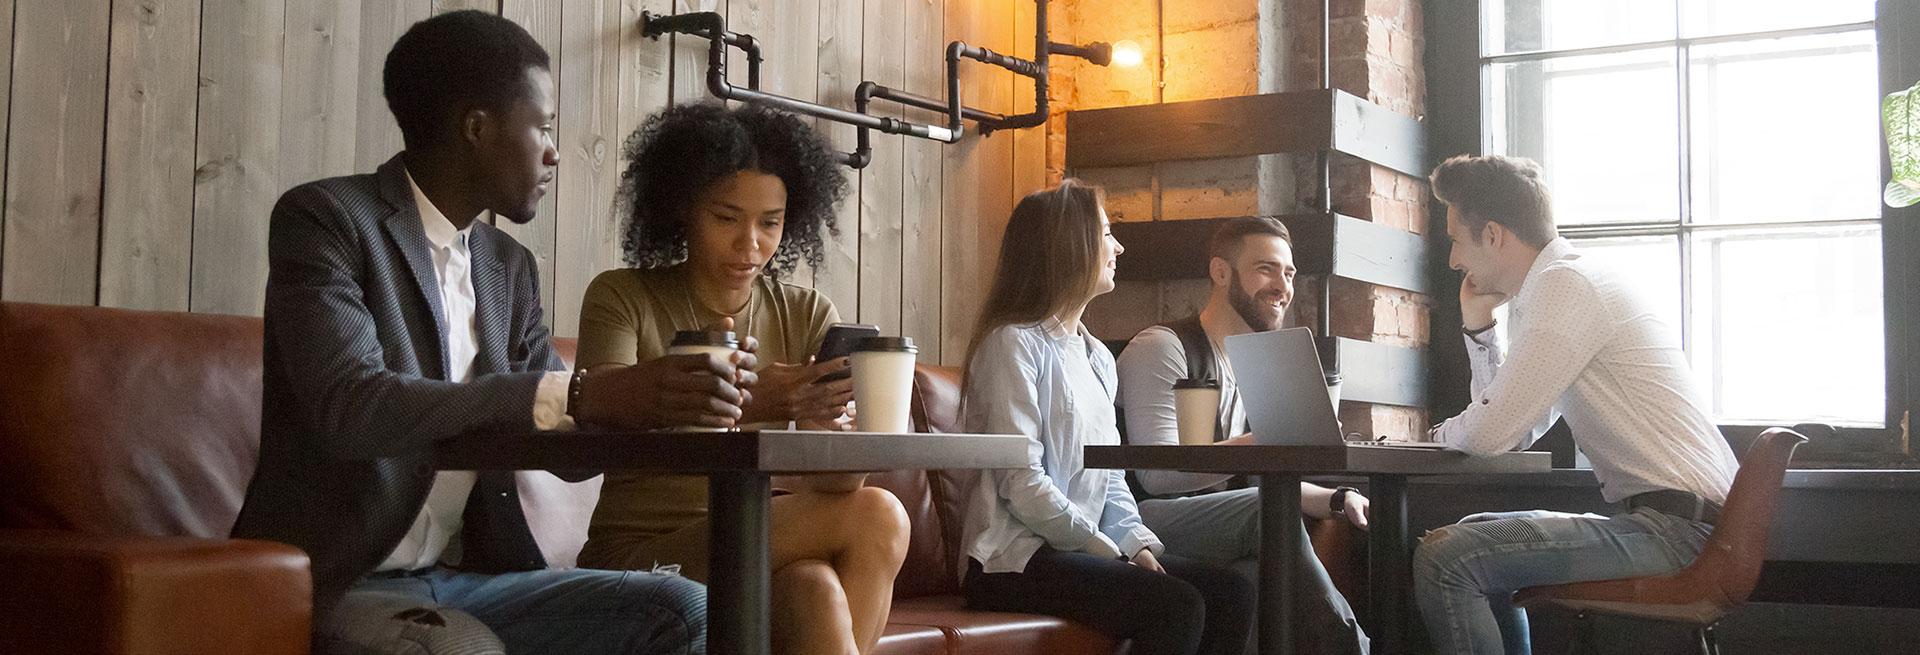 customer data platforms find insights in complex interaction data